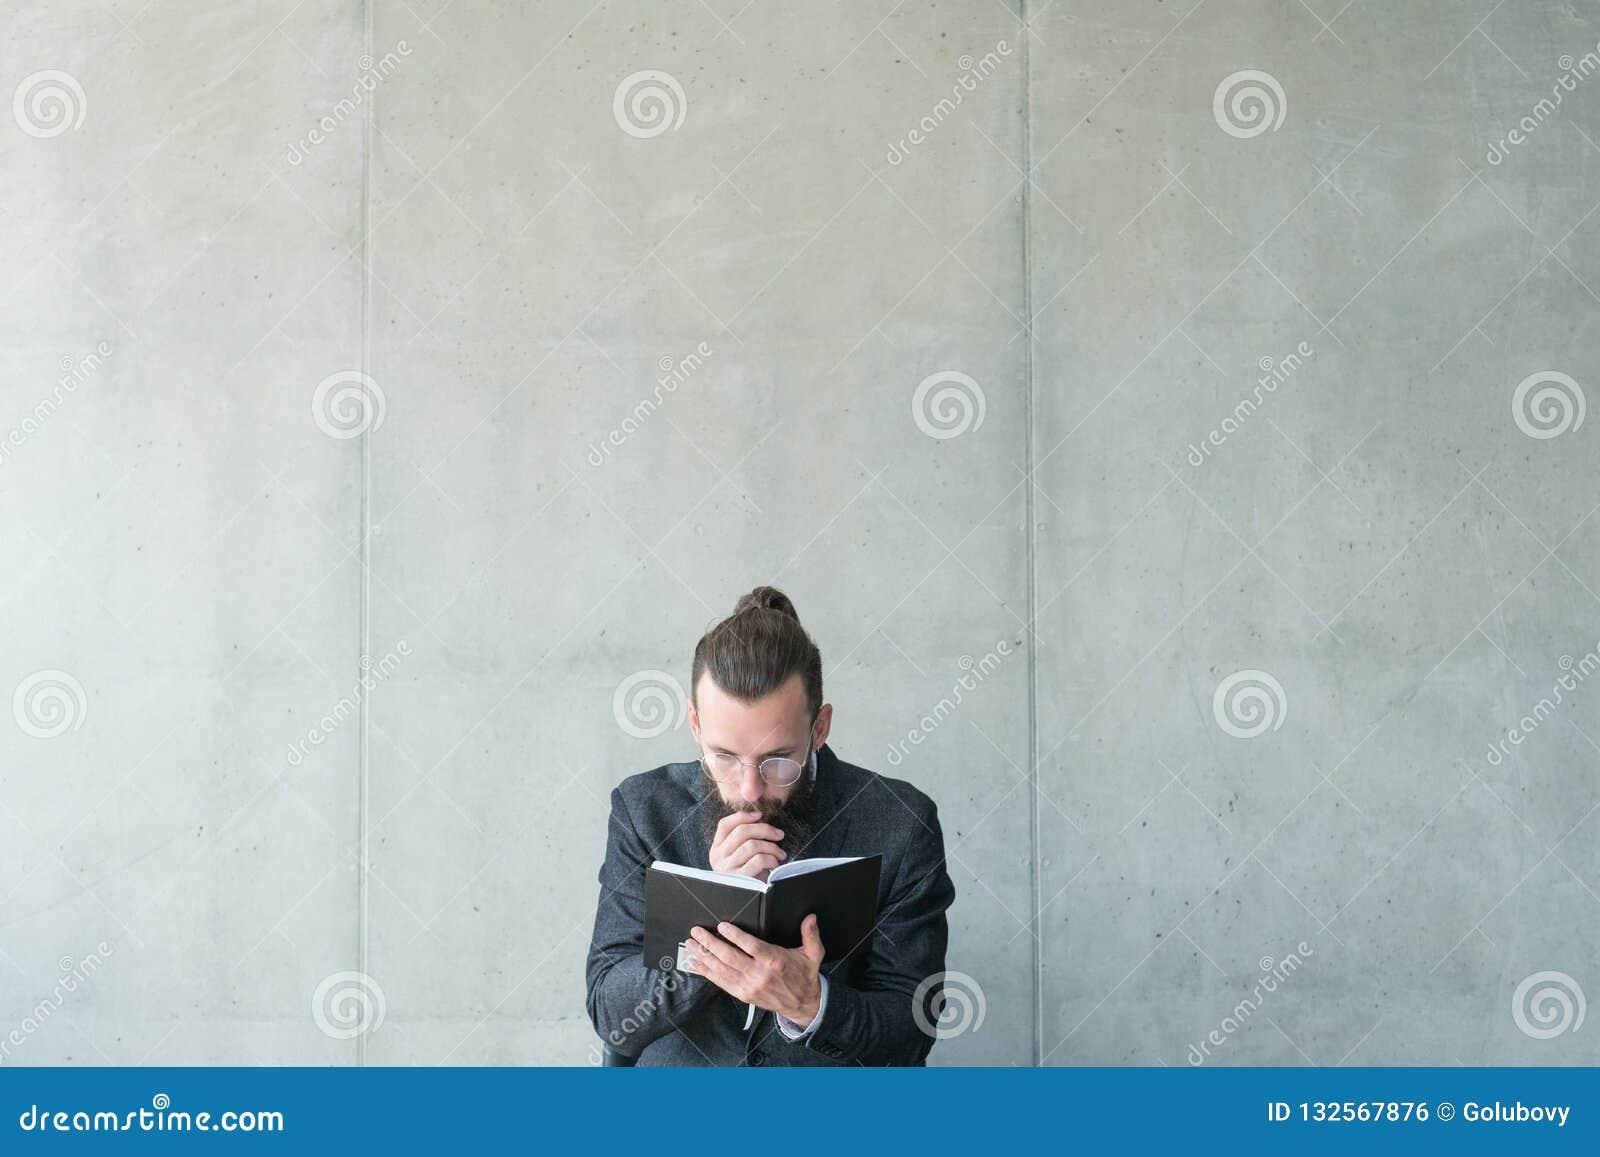 Mannen fokuserade läst information om utbildningskunskap